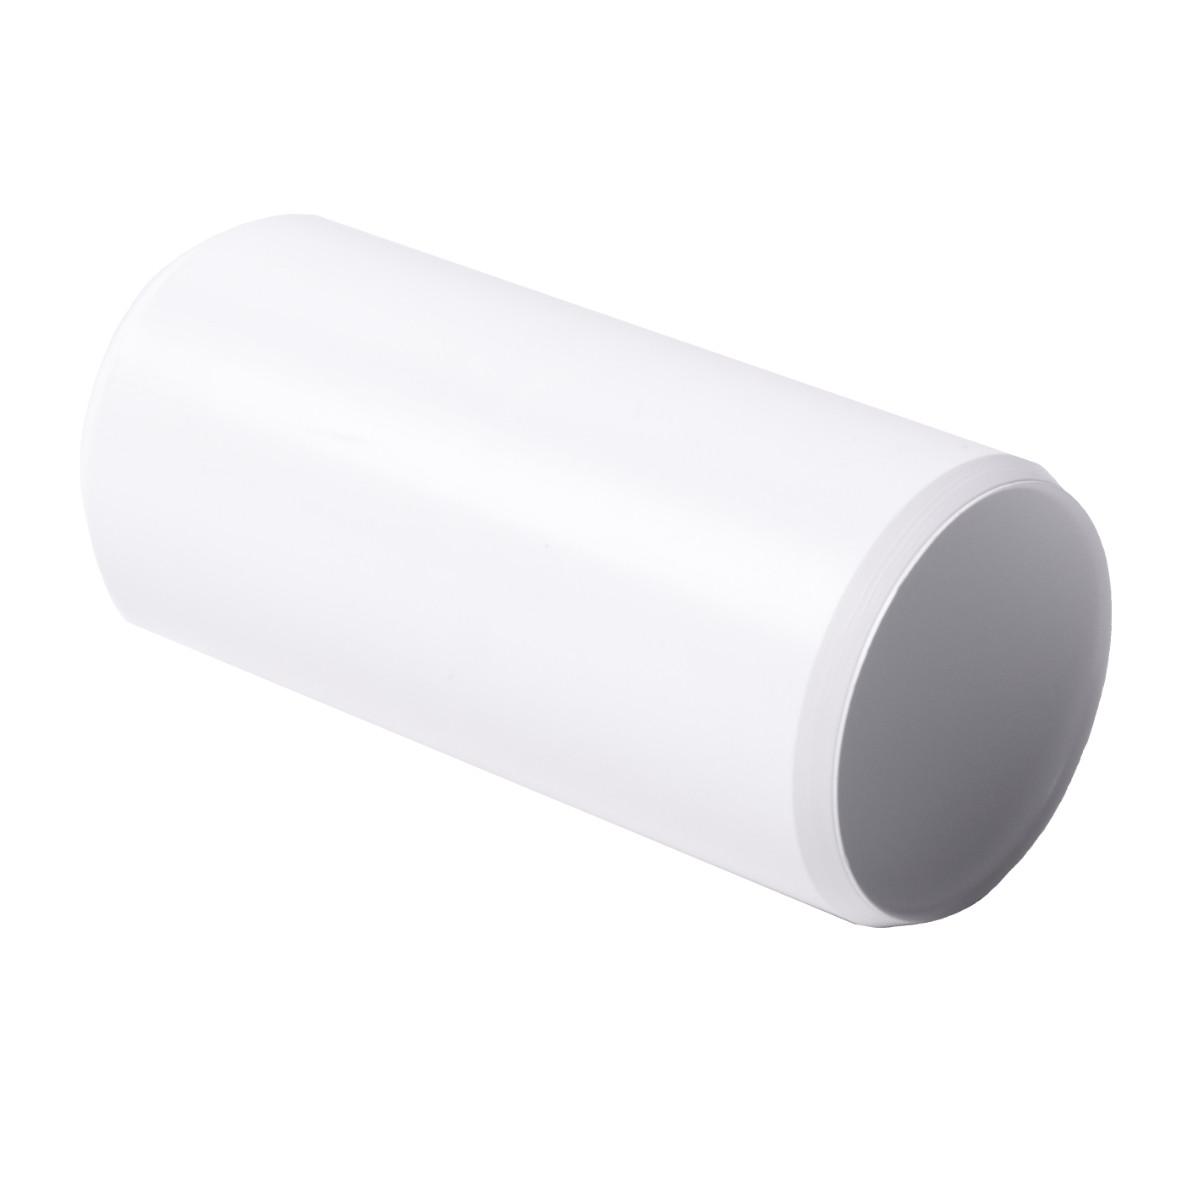 Муфта з'єднувальна для труби 20 мм ; Ø20мм; ПВХ;; t застосування -25+60 °с; біла; Упаковка 10 шт